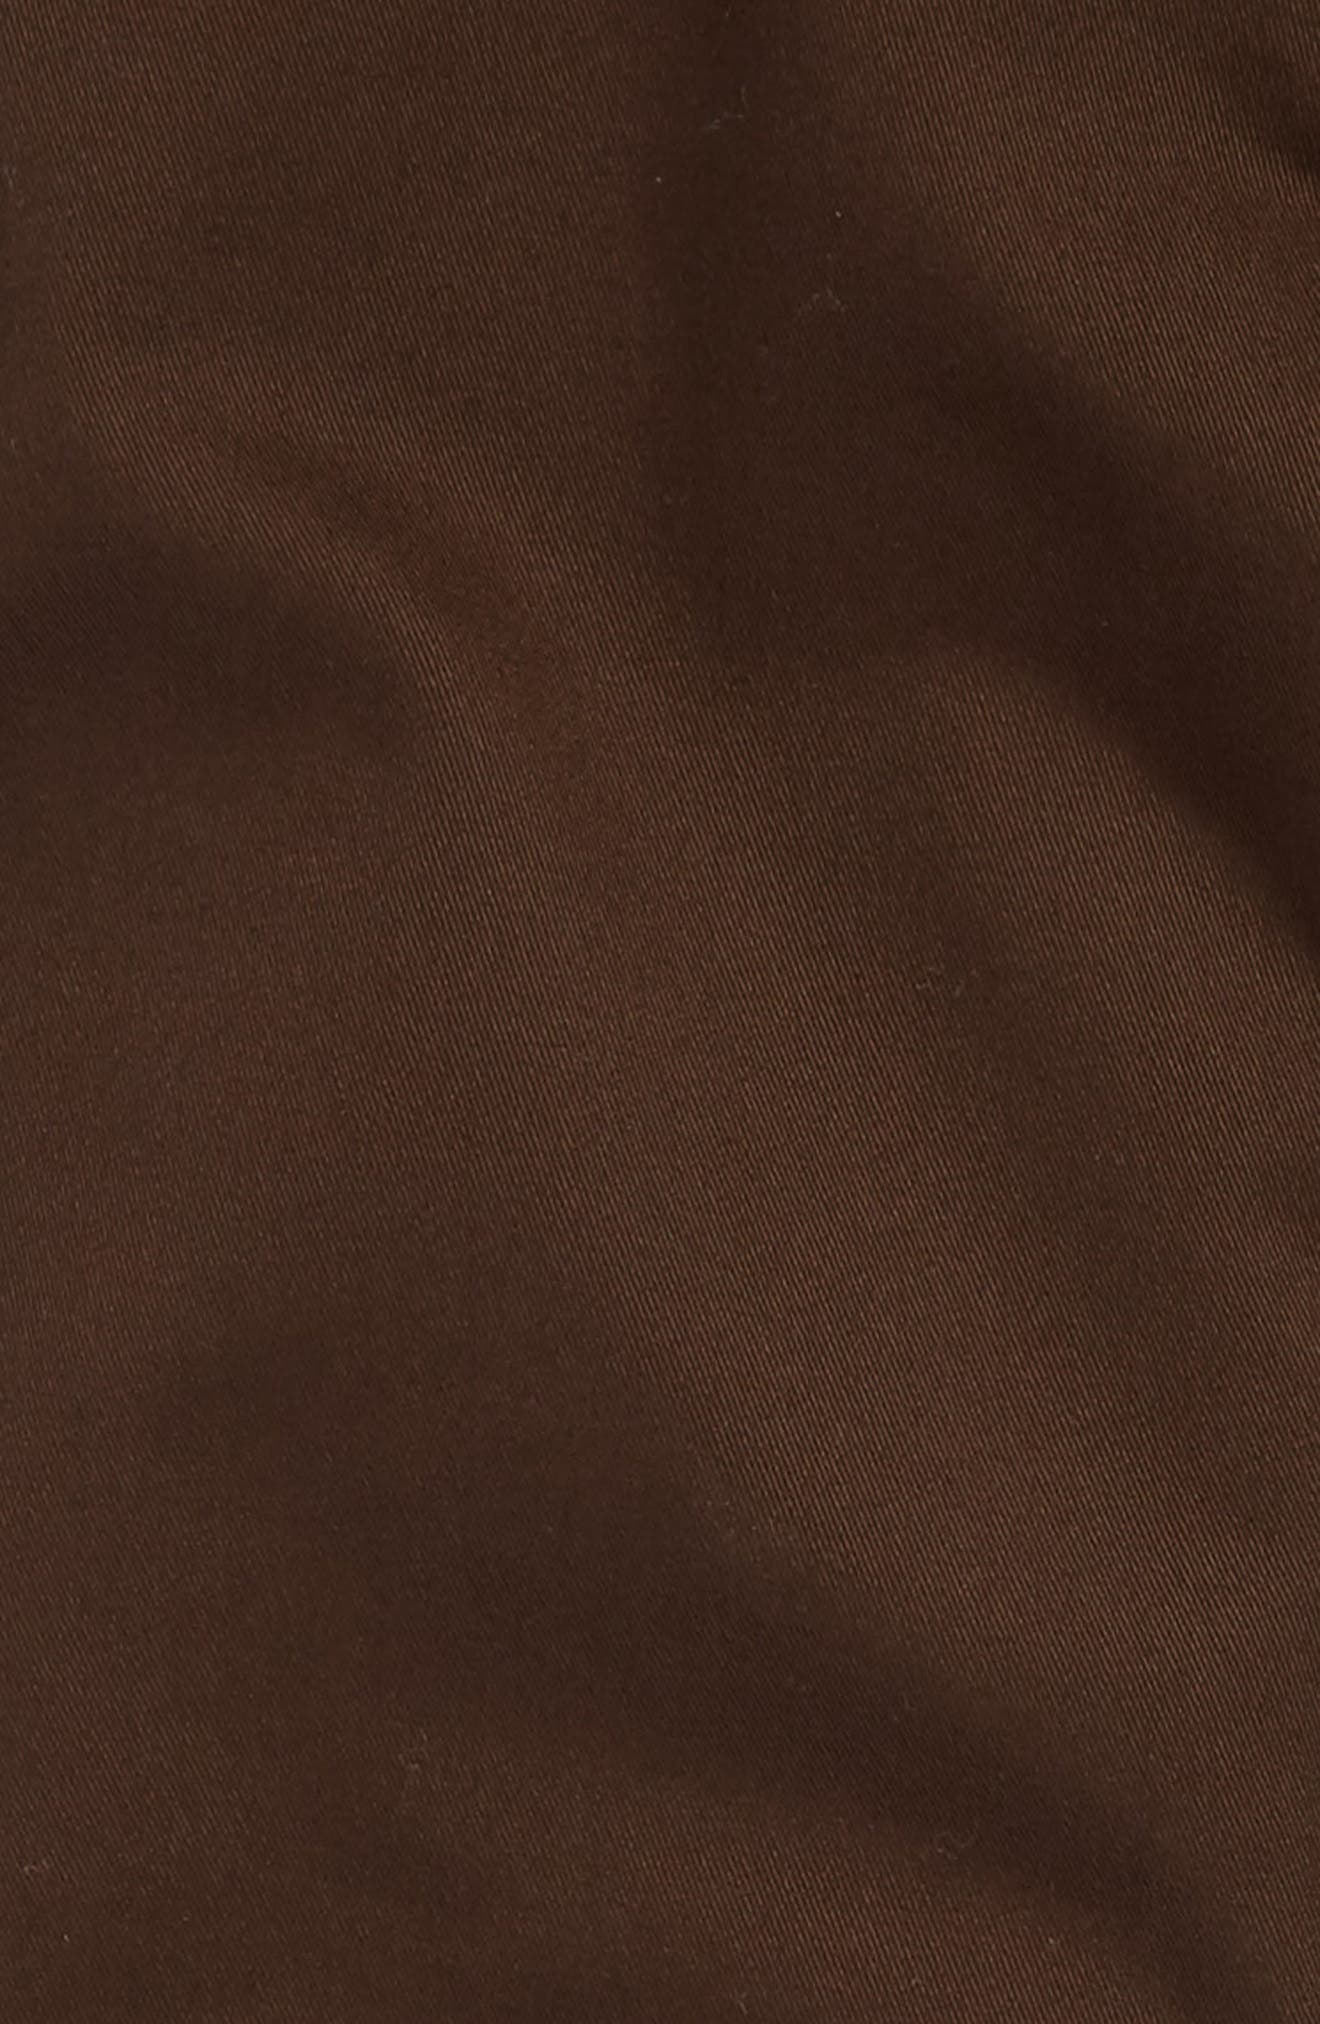 'V56 Standard AV Covina' Pants,                             Alternate thumbnail 3, color,                             201